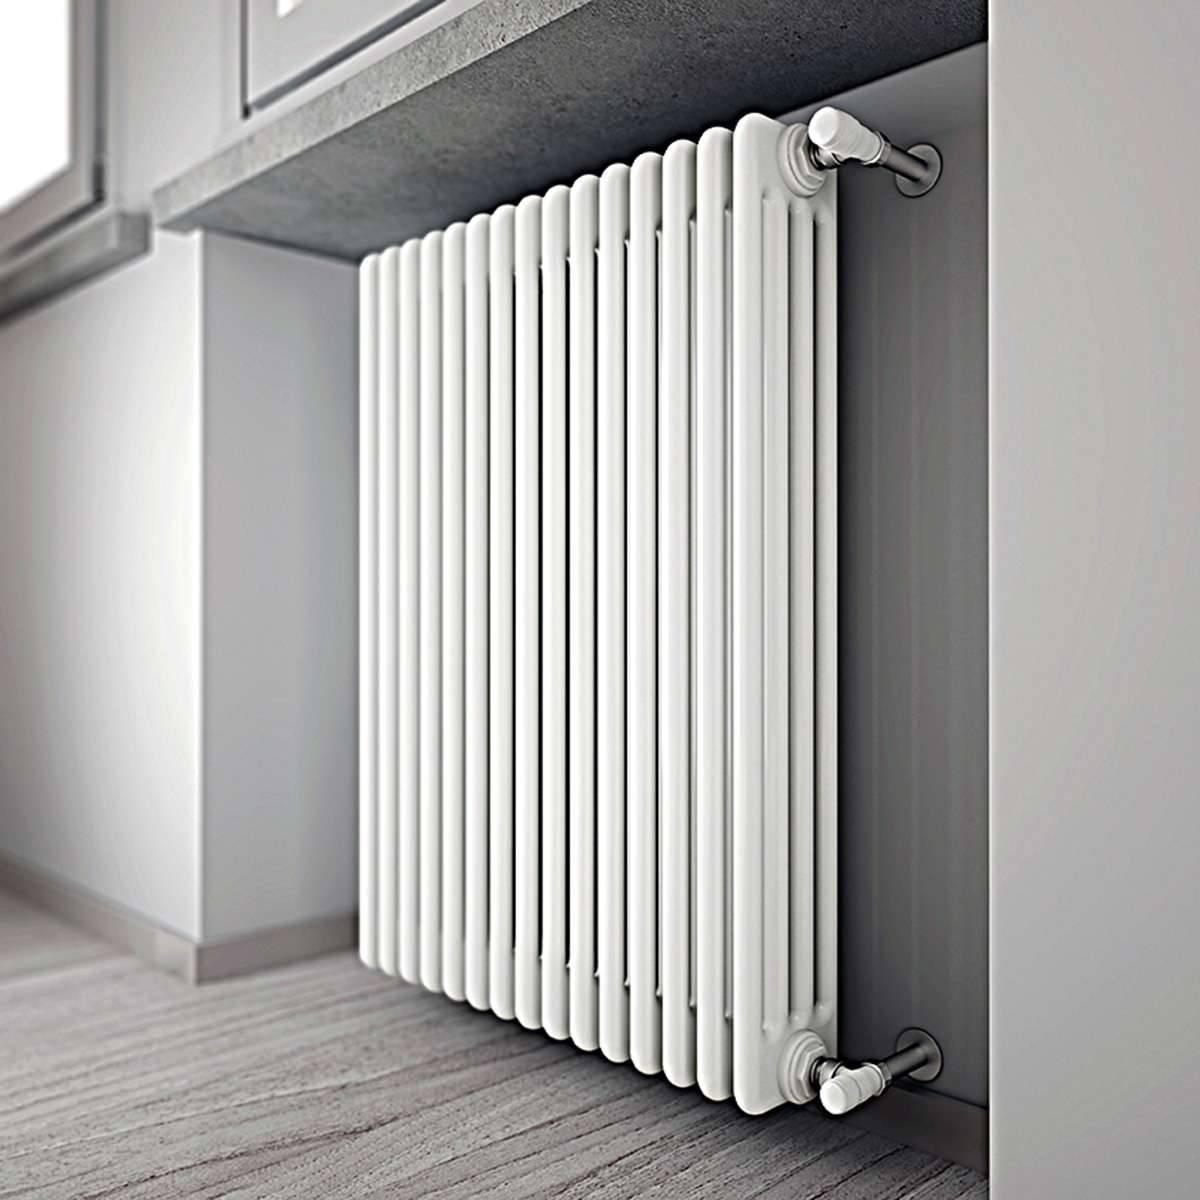 Трубчатые радиаторы отопления: что это такое, их особенности и использование